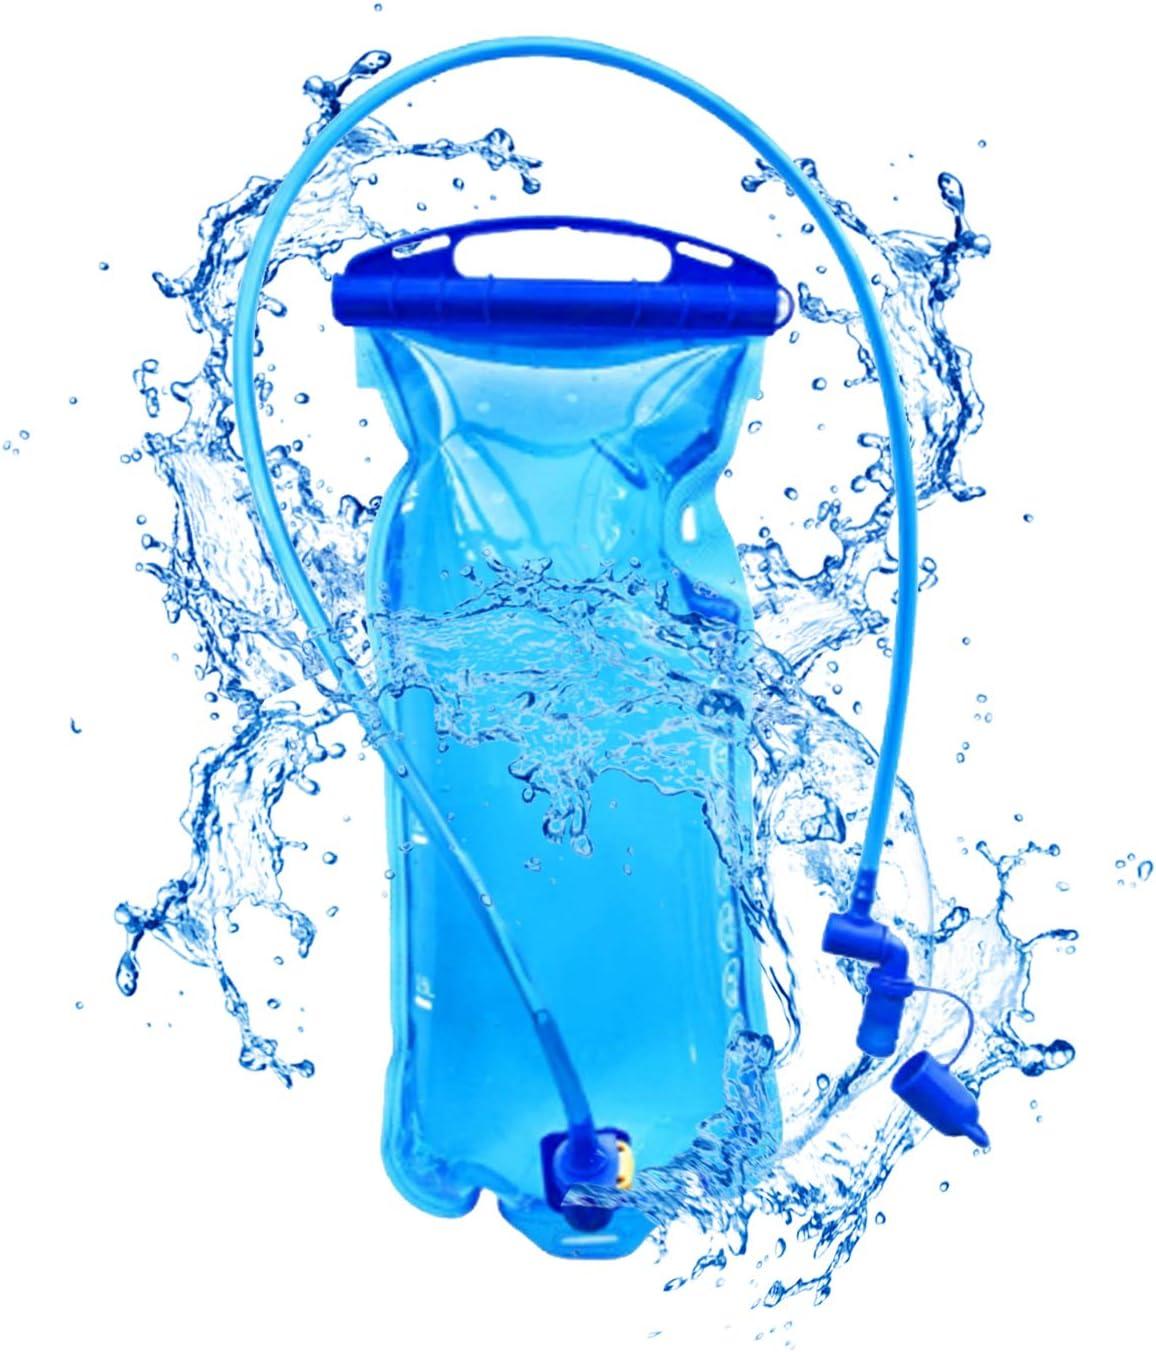 Sac hydratation Happylohas 2l Poche /à Eau hydratation Portable Poche a Eau pour Sport randonn/ée hydratation Eau vessie Camel Bag Camping